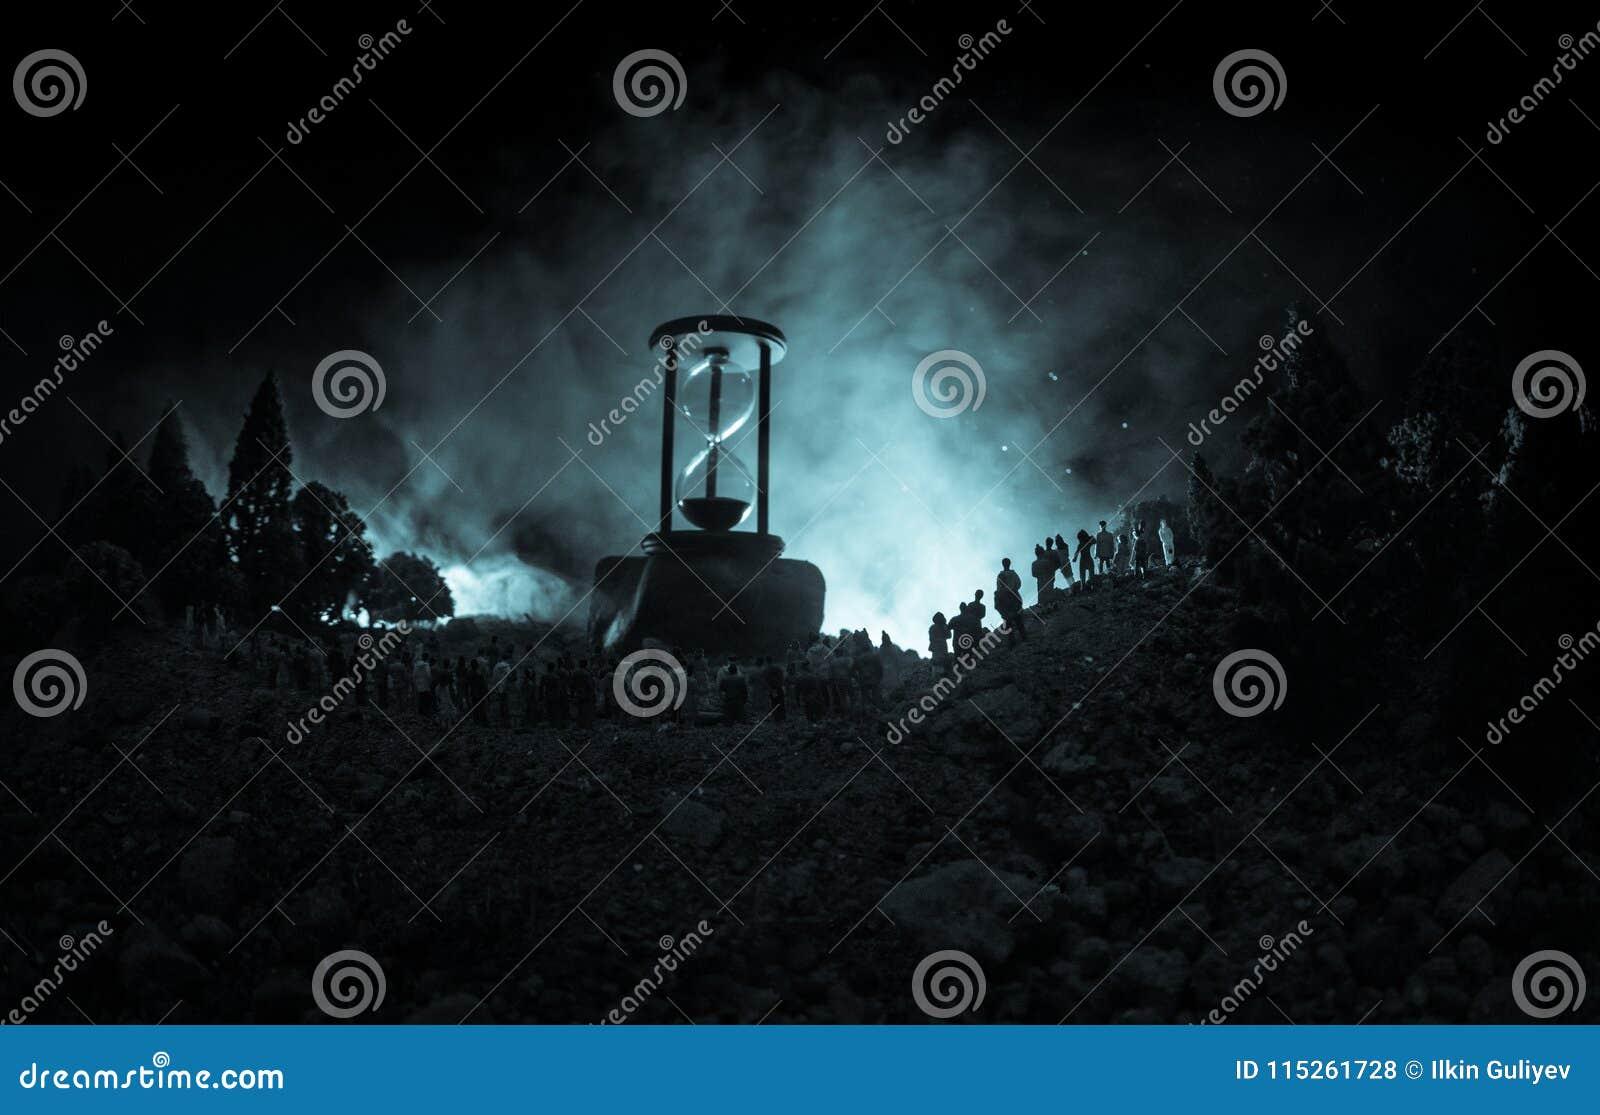 Silueta de una muchedumbre grande de gente en bosque en la noche que se opone a un reloj de arena grande con los haces luminosos